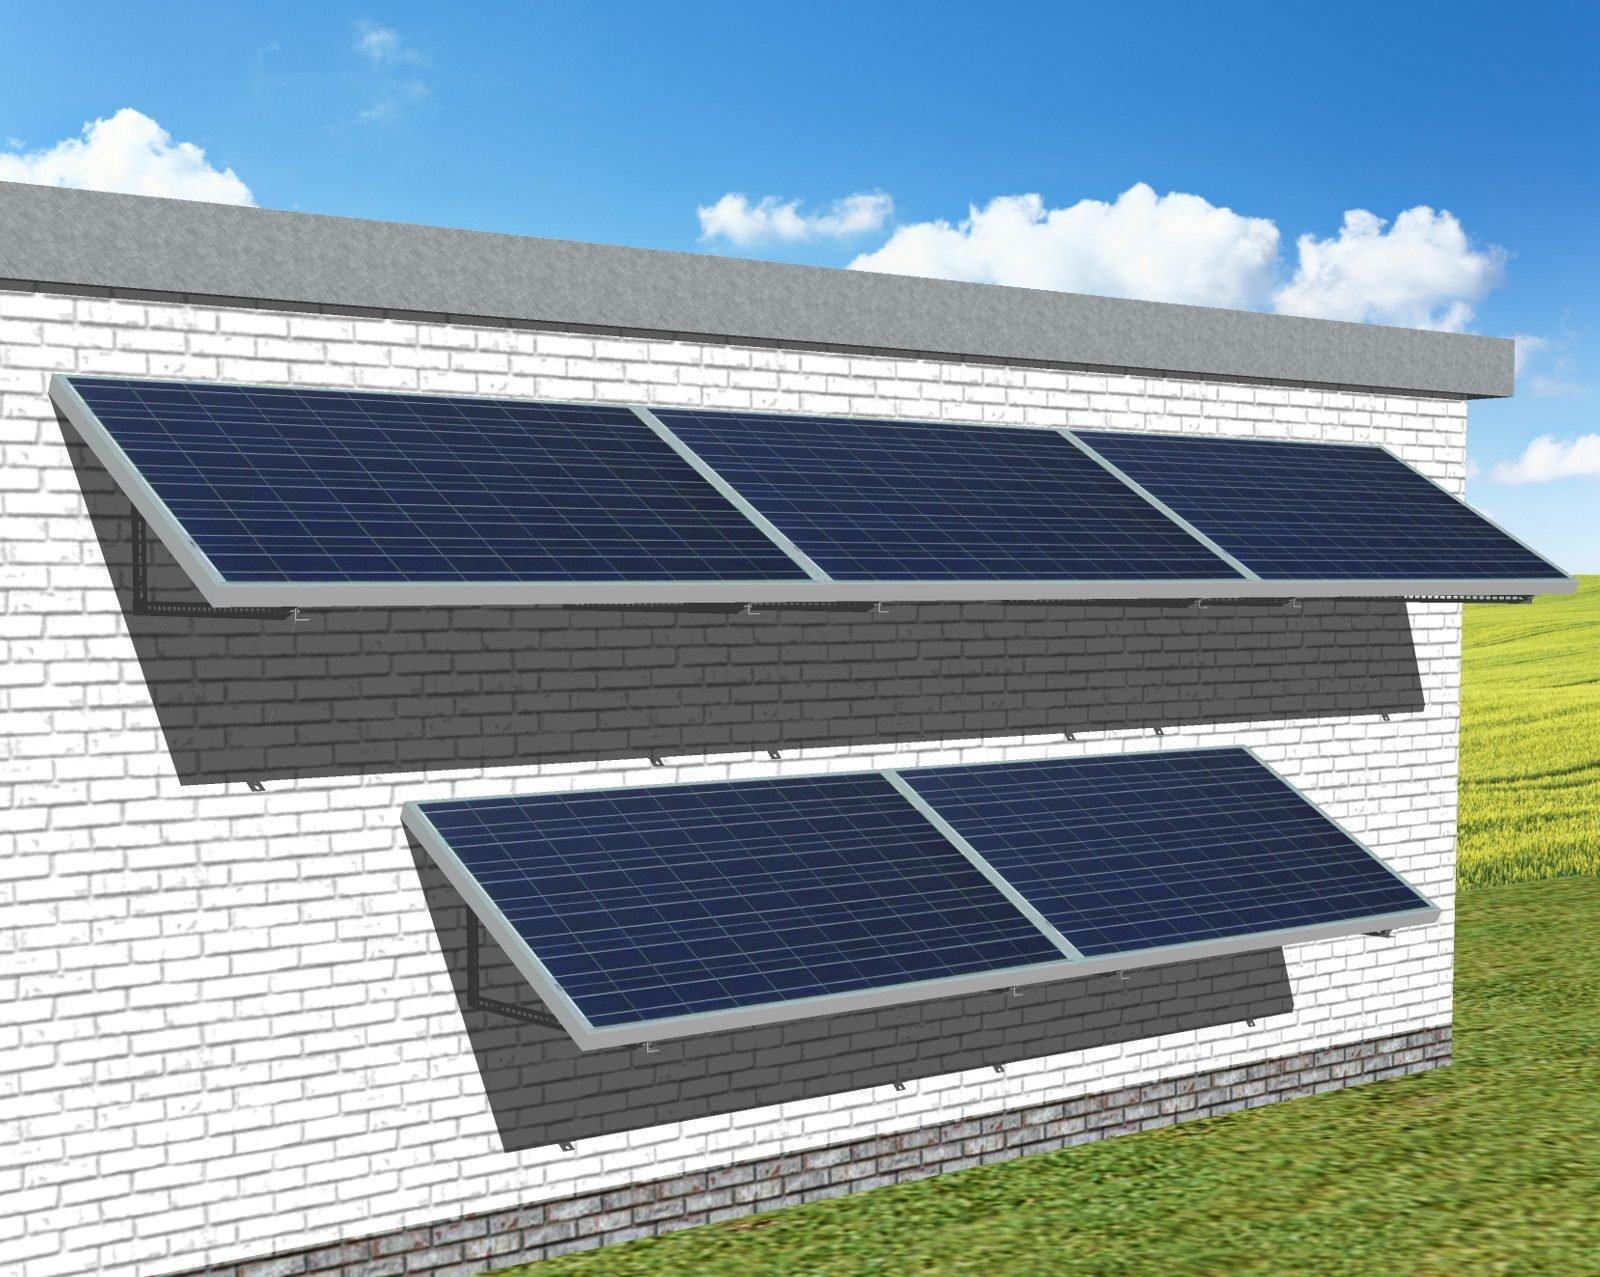 myCleantechSolarPower™ Solaranalage Fassade oder Carport mit 5 Pannels - Musterbild